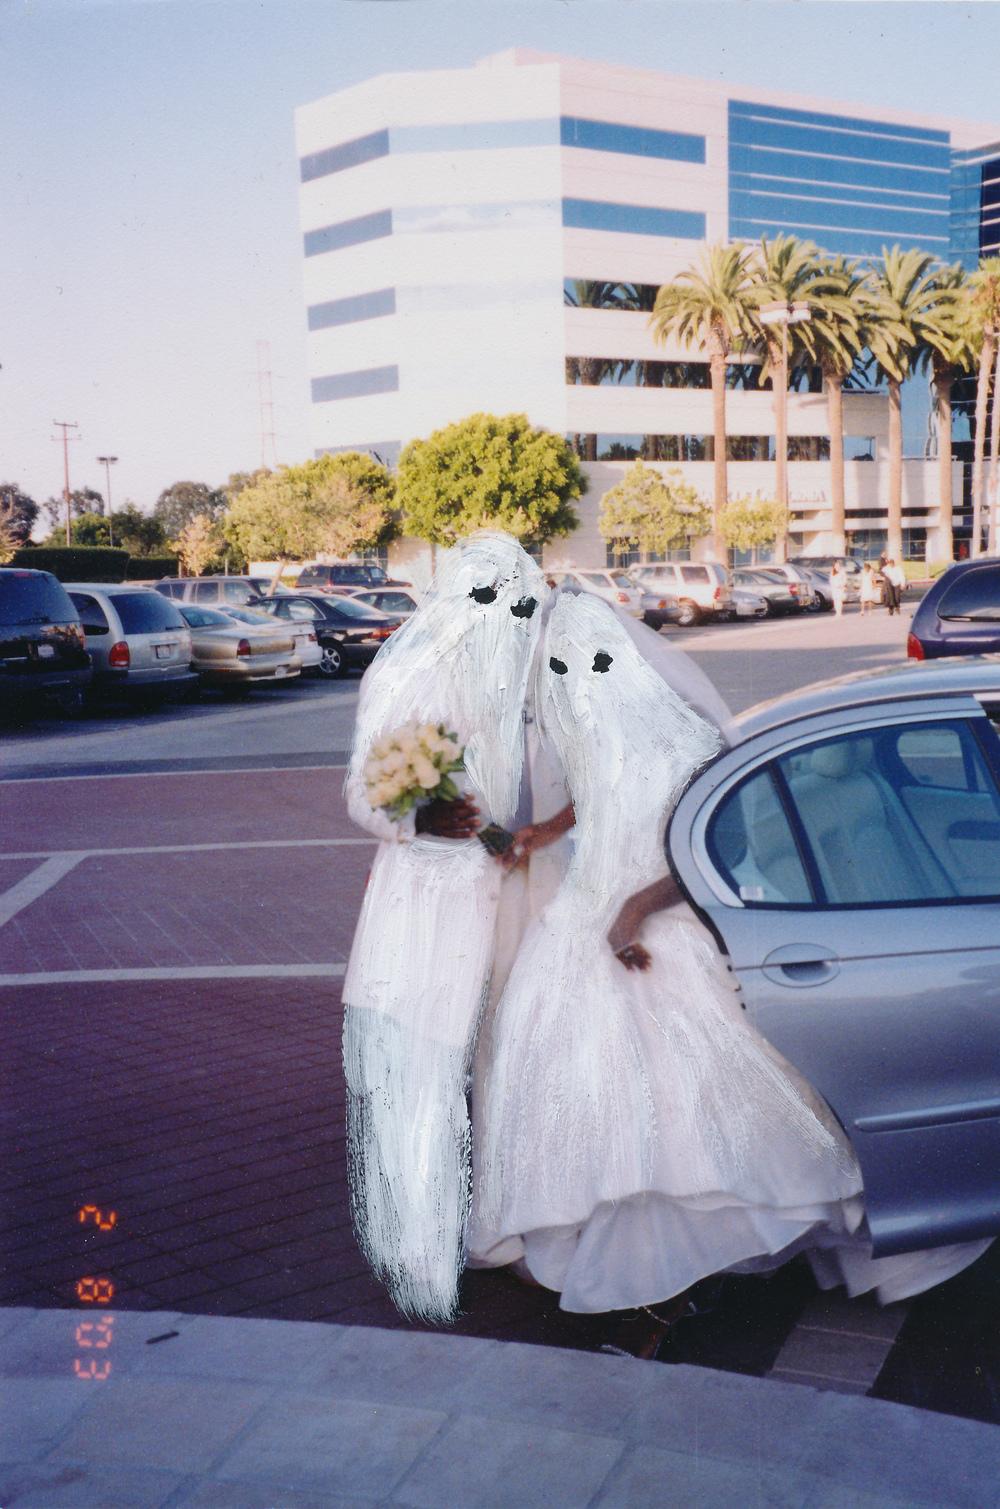 Ghost_2014_025_600.jpg